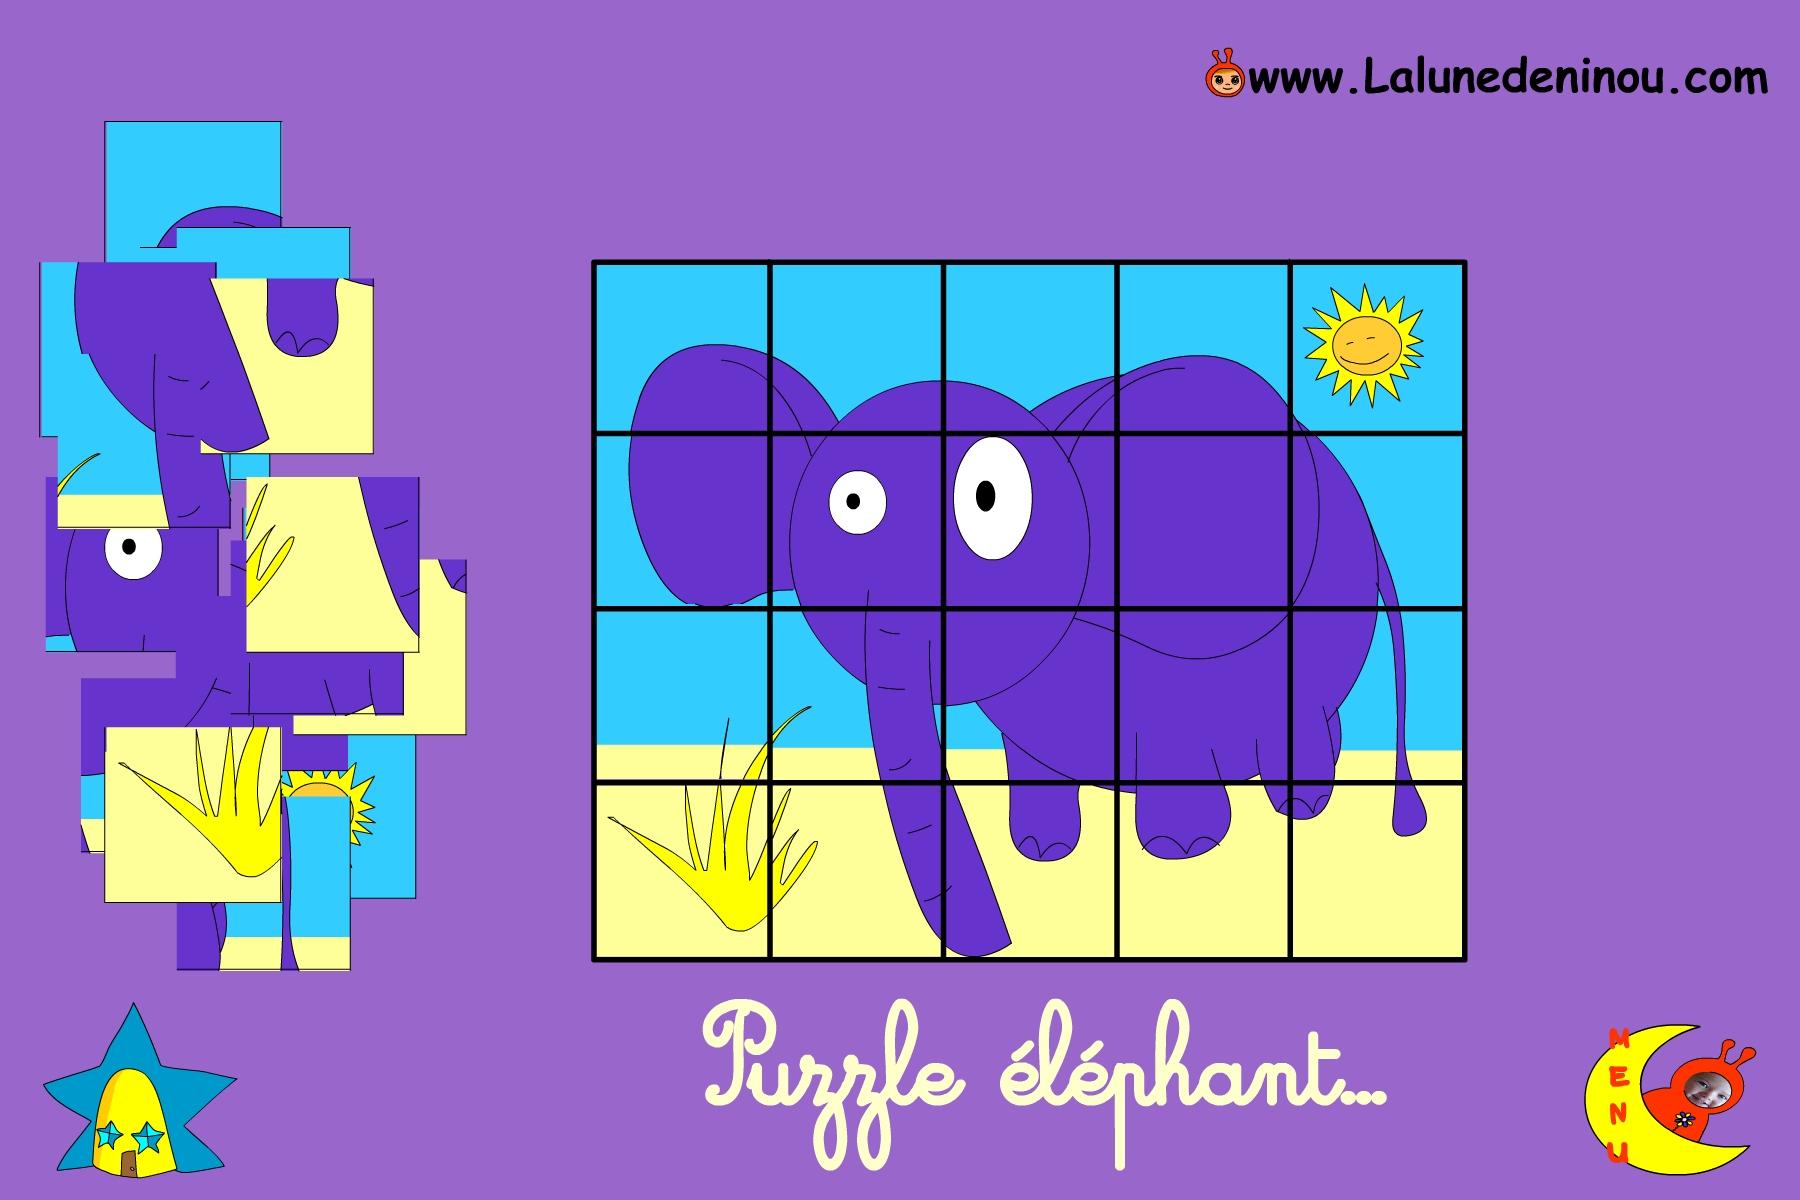 Puzzle En Ligne Pour Enfant De Maternelle - Lalunedeninou dedans Jeux Gratuit Enfant De 3 Ans